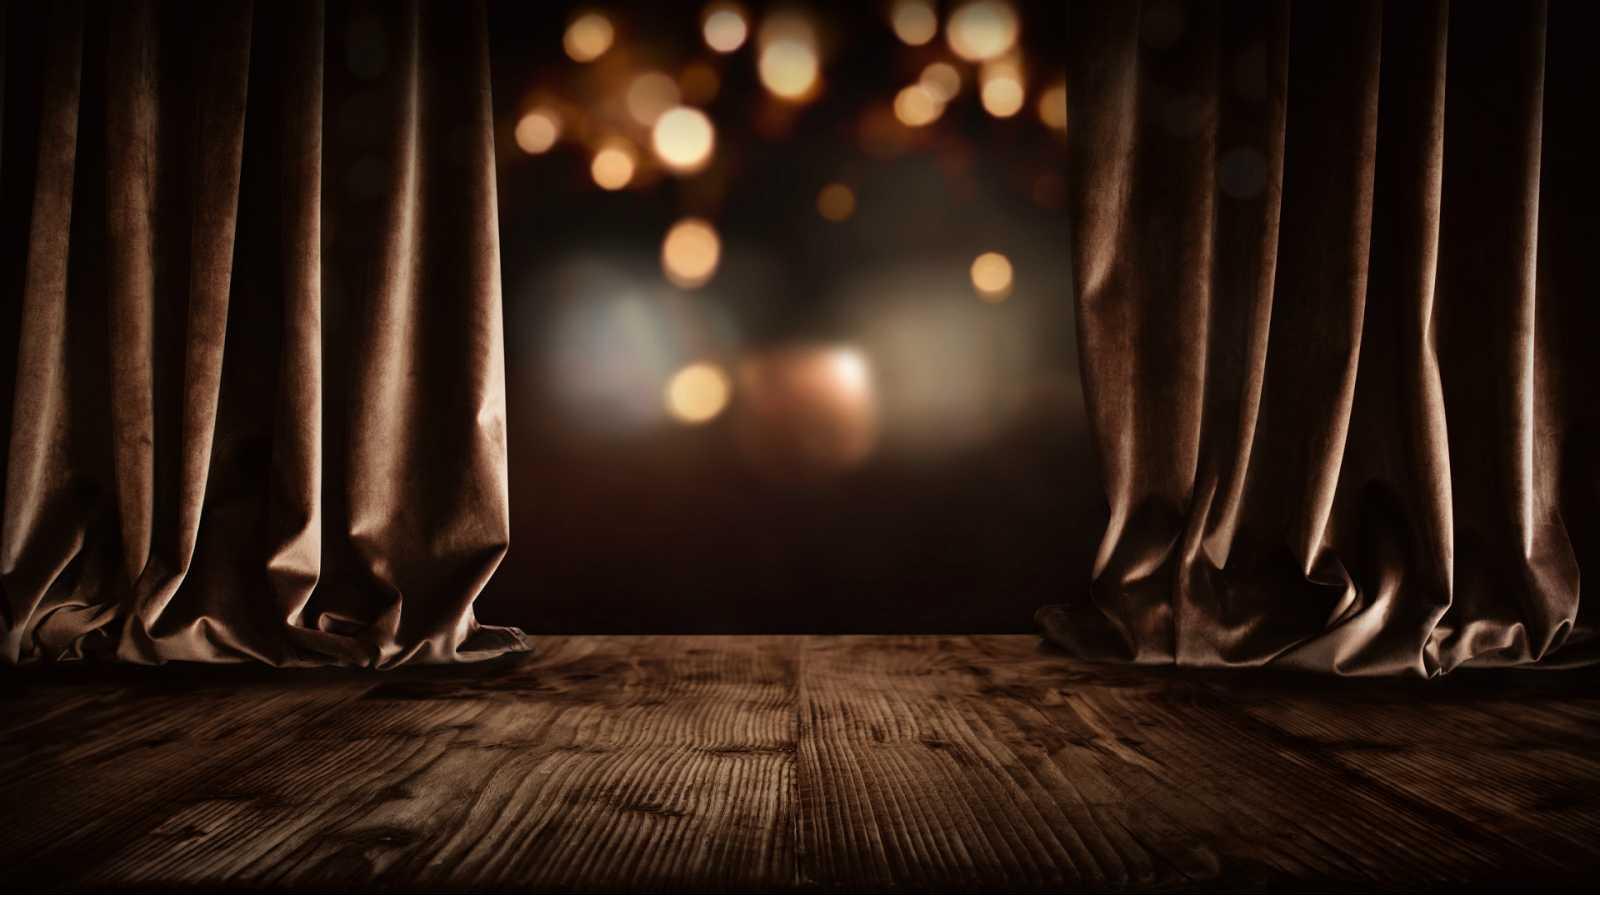 Solamente una vez - Ramón Paso: una vida entre cajas - Escuchar ahora